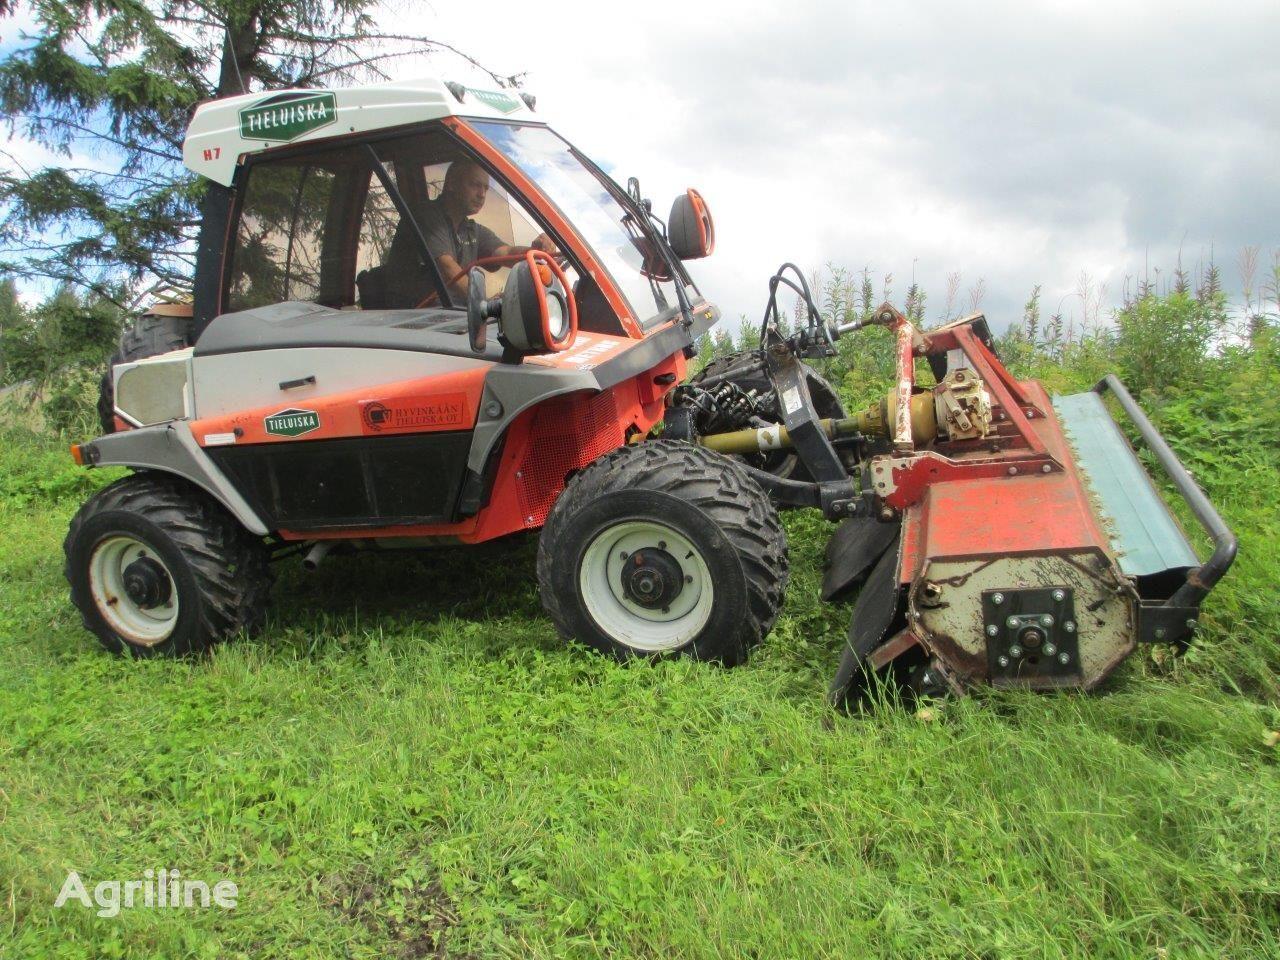 REFORM H7 METRAC lawn tractor